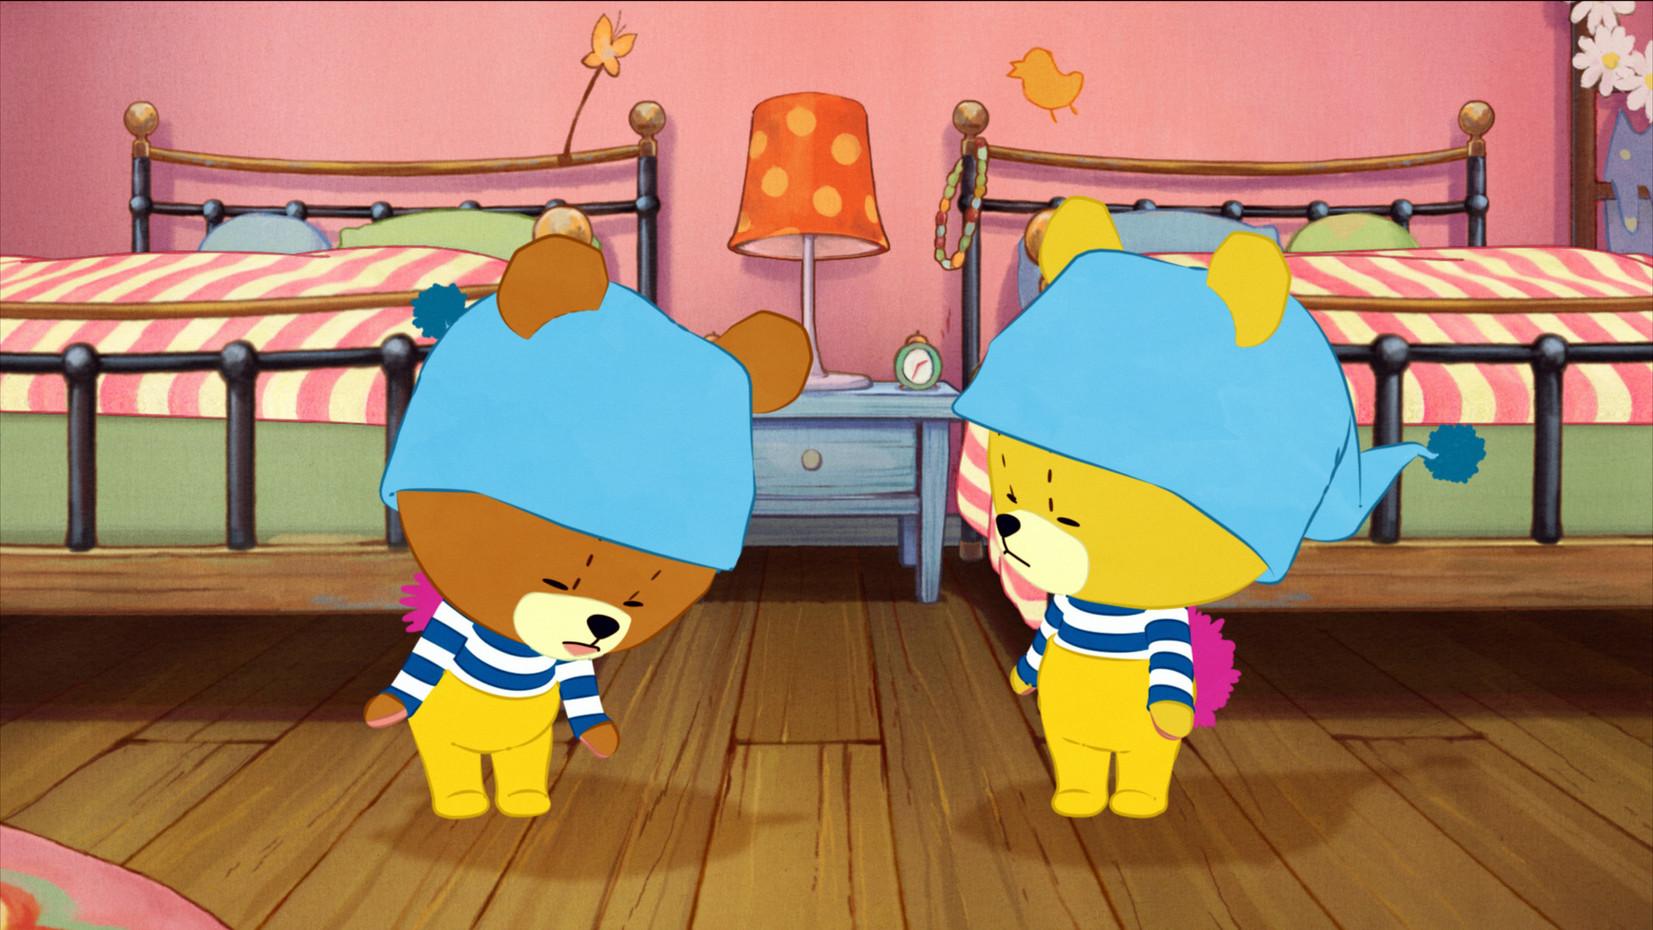 NHK Eテレアニメ「がんばれ!ルルロロ」